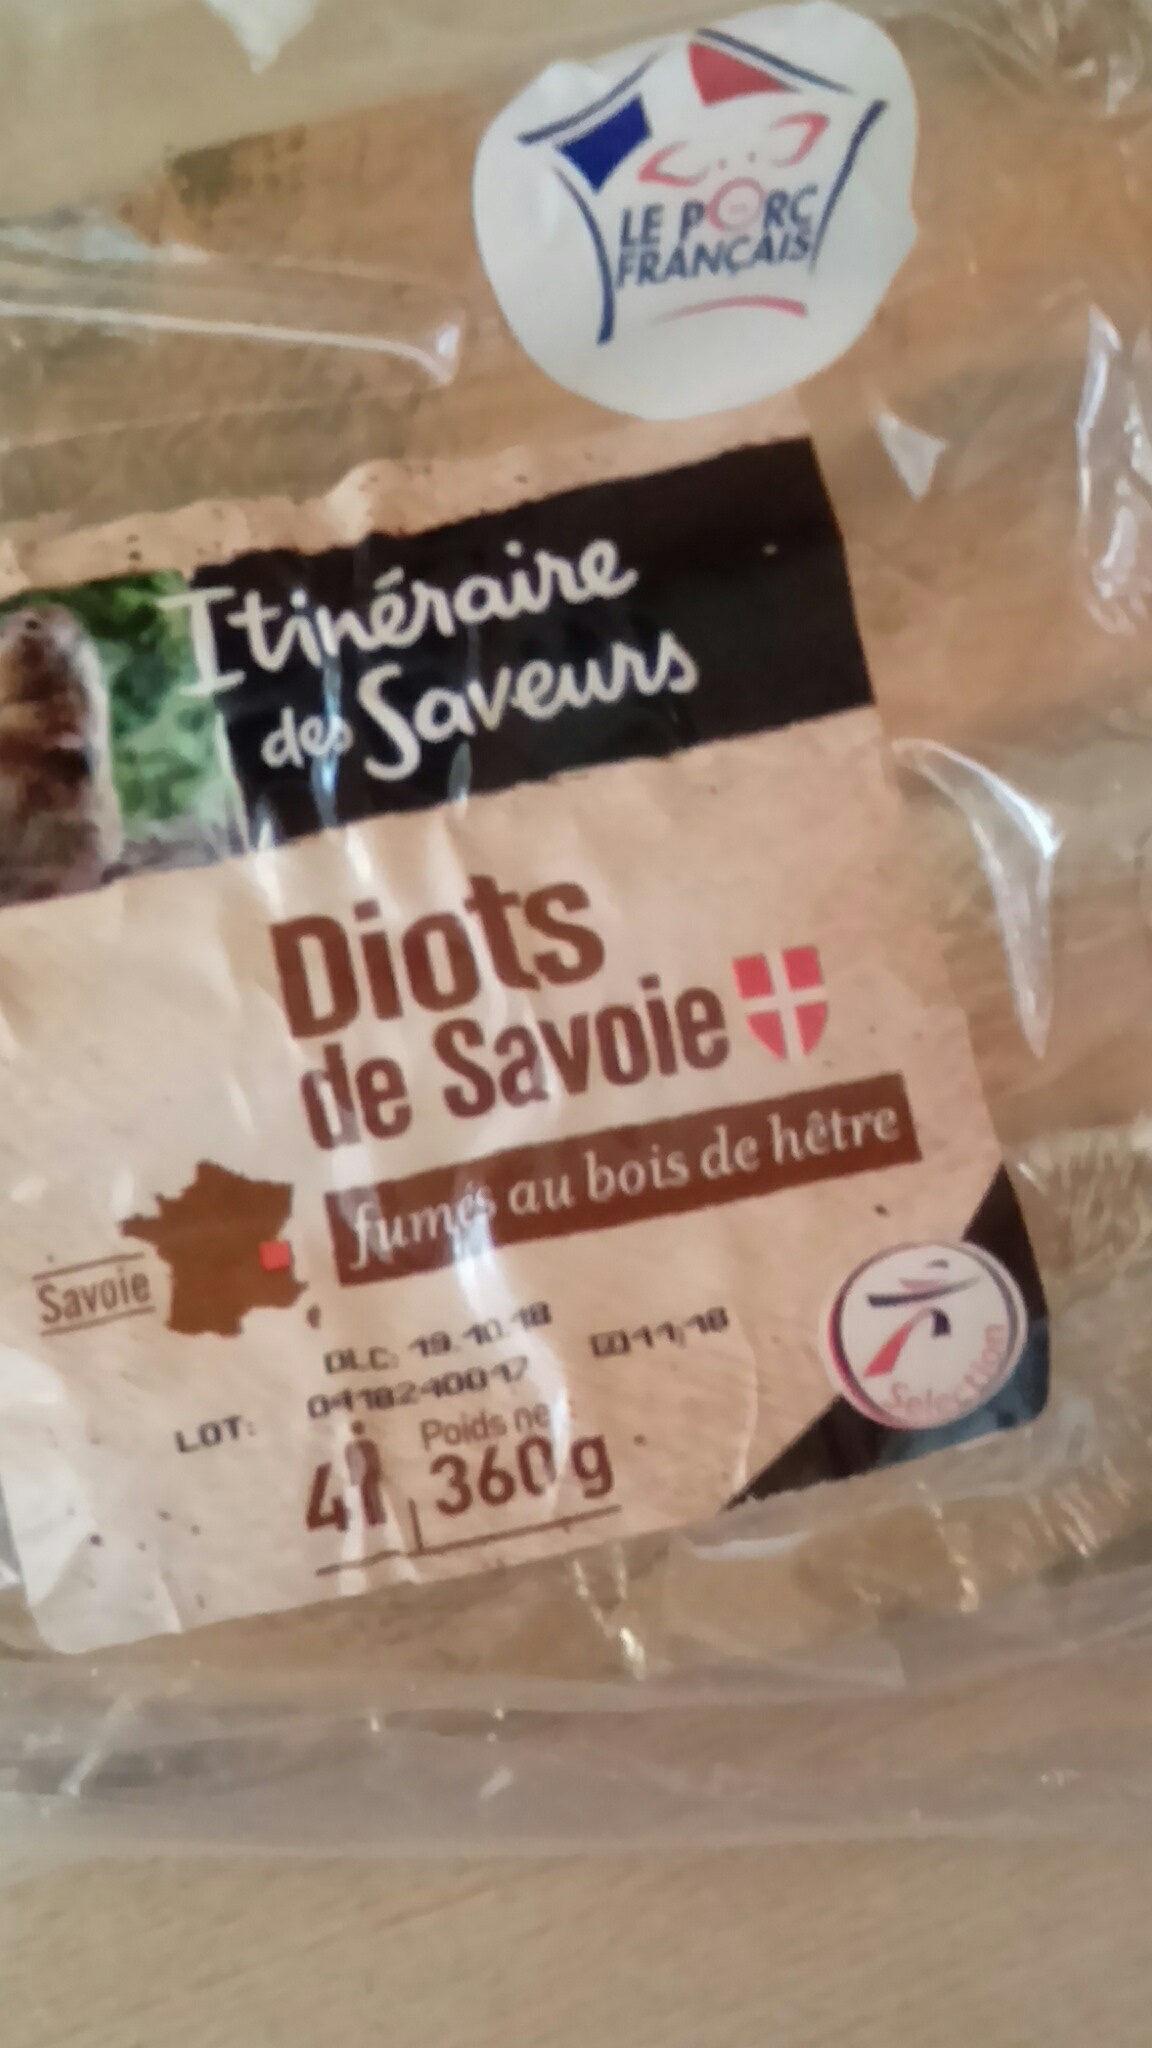 Diots de Savoie - Produit - fr